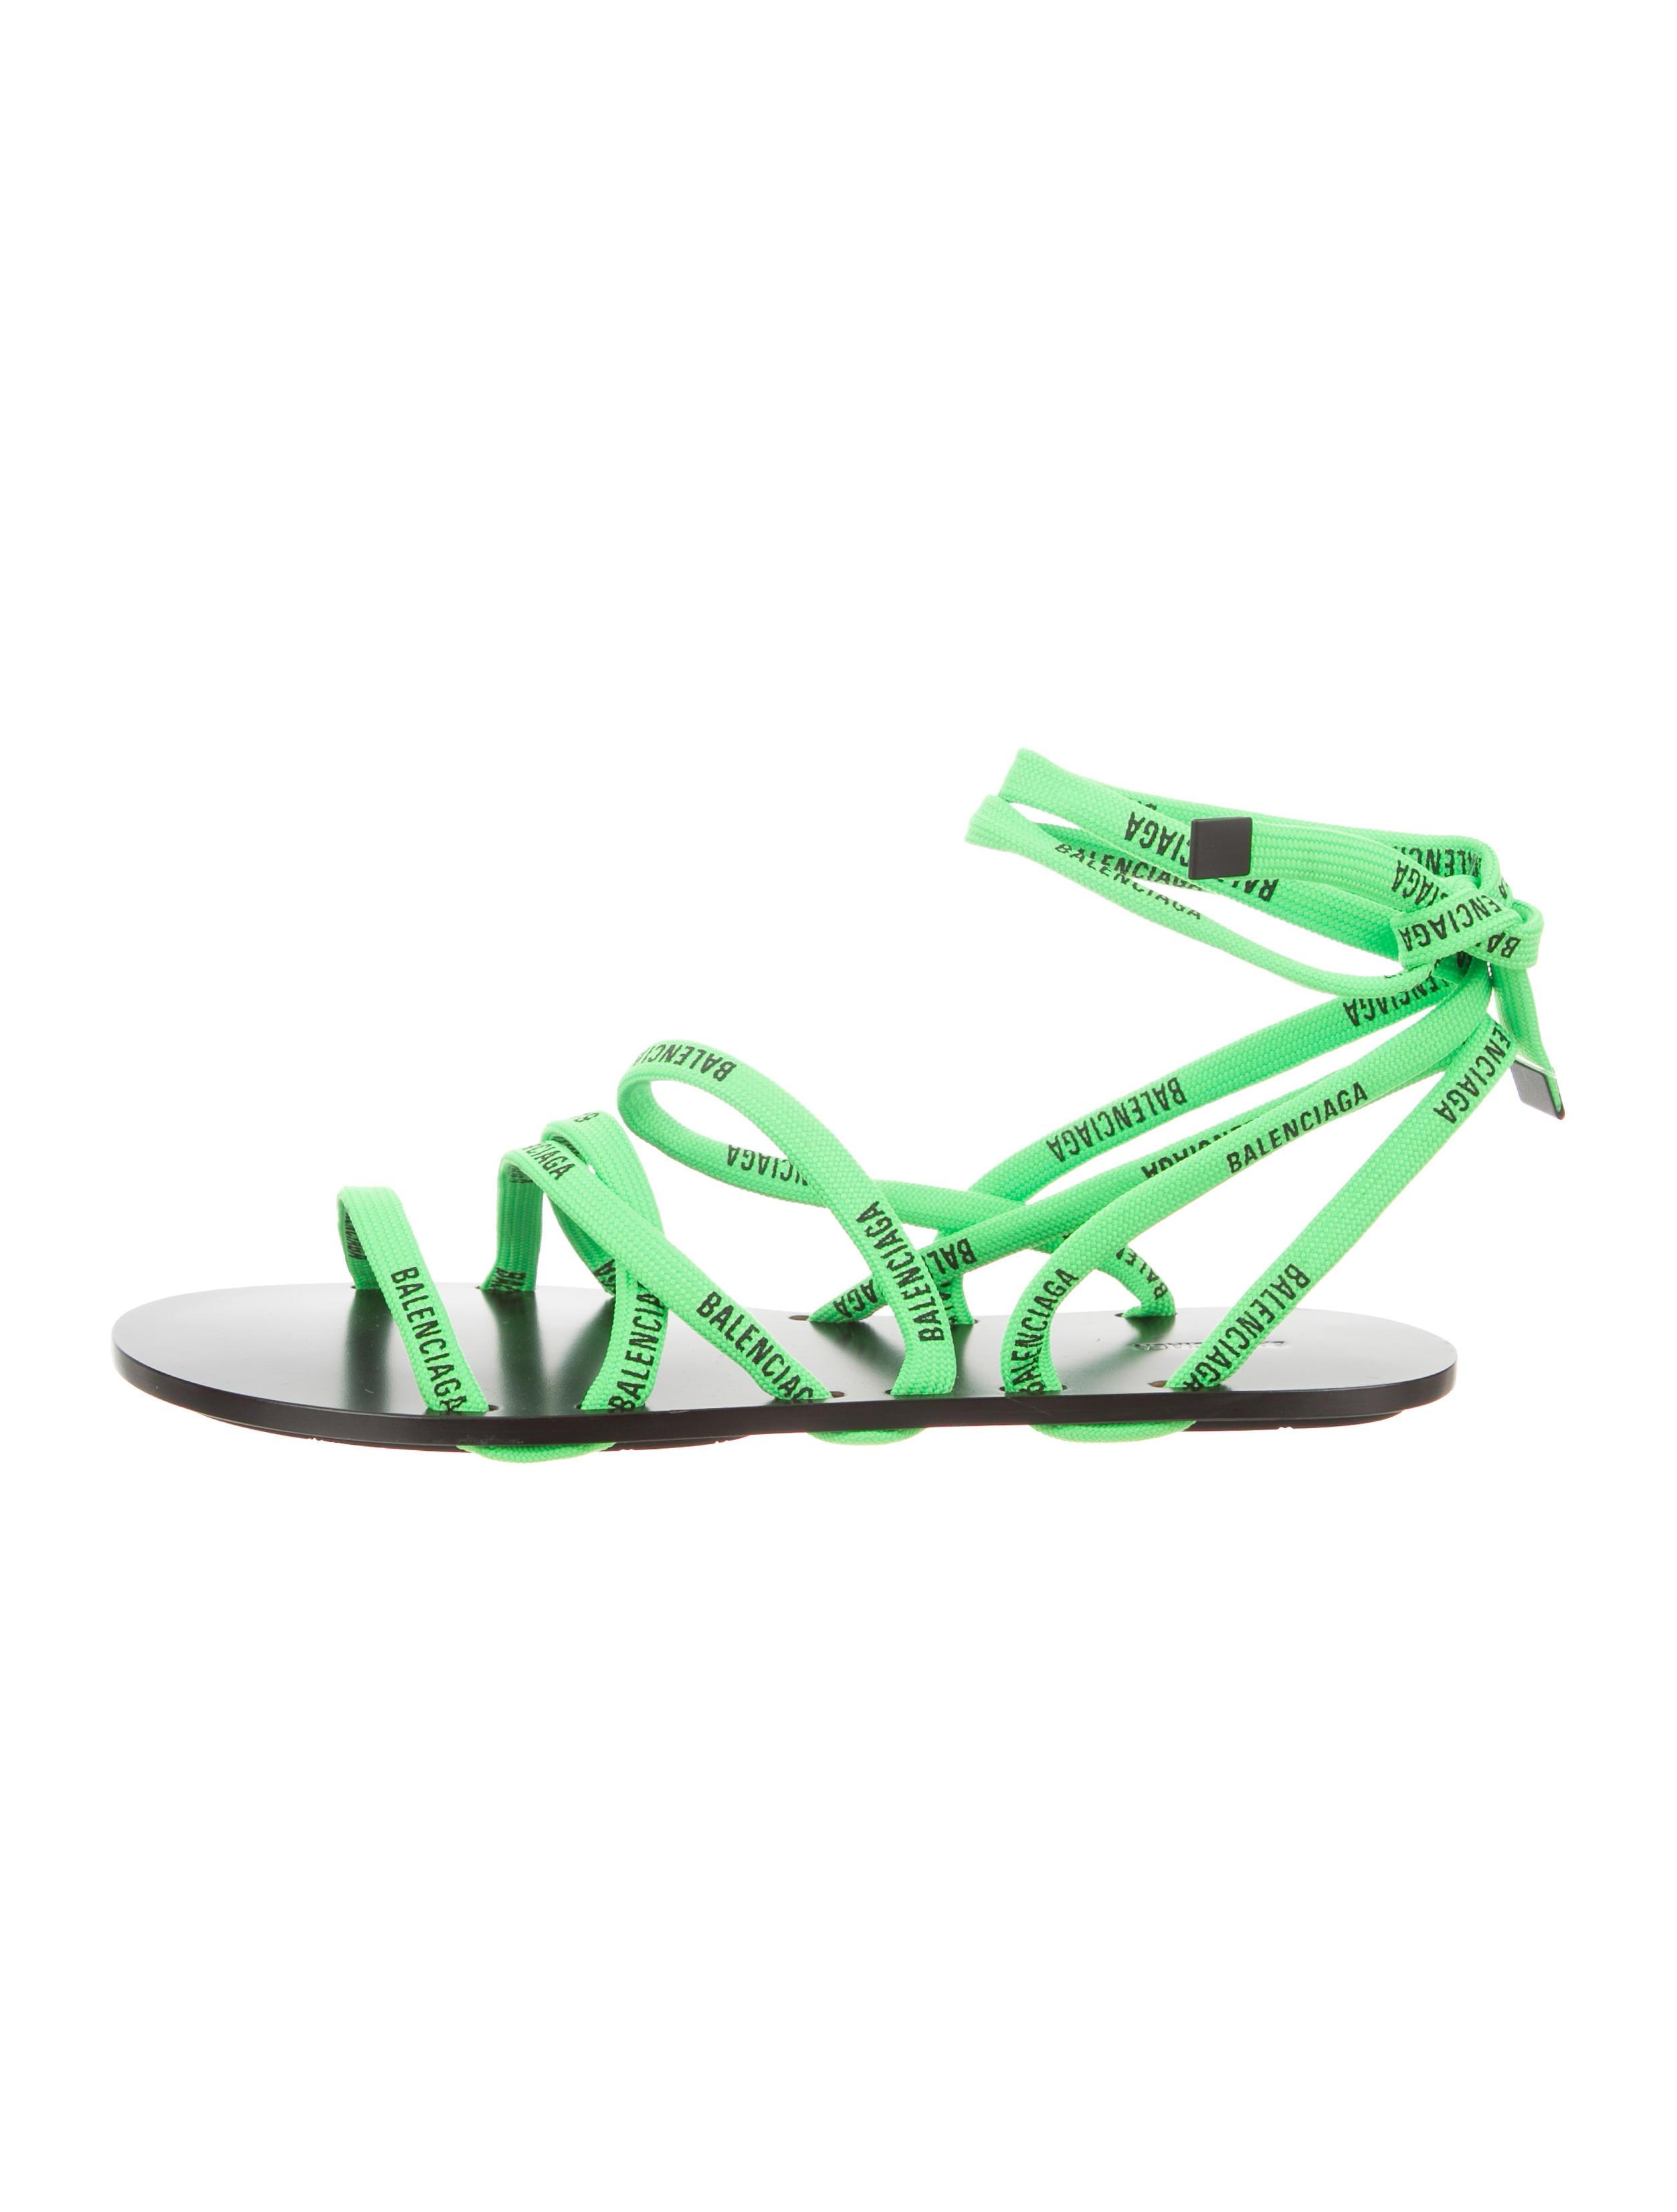 Lace Flat Sandals - Shoes